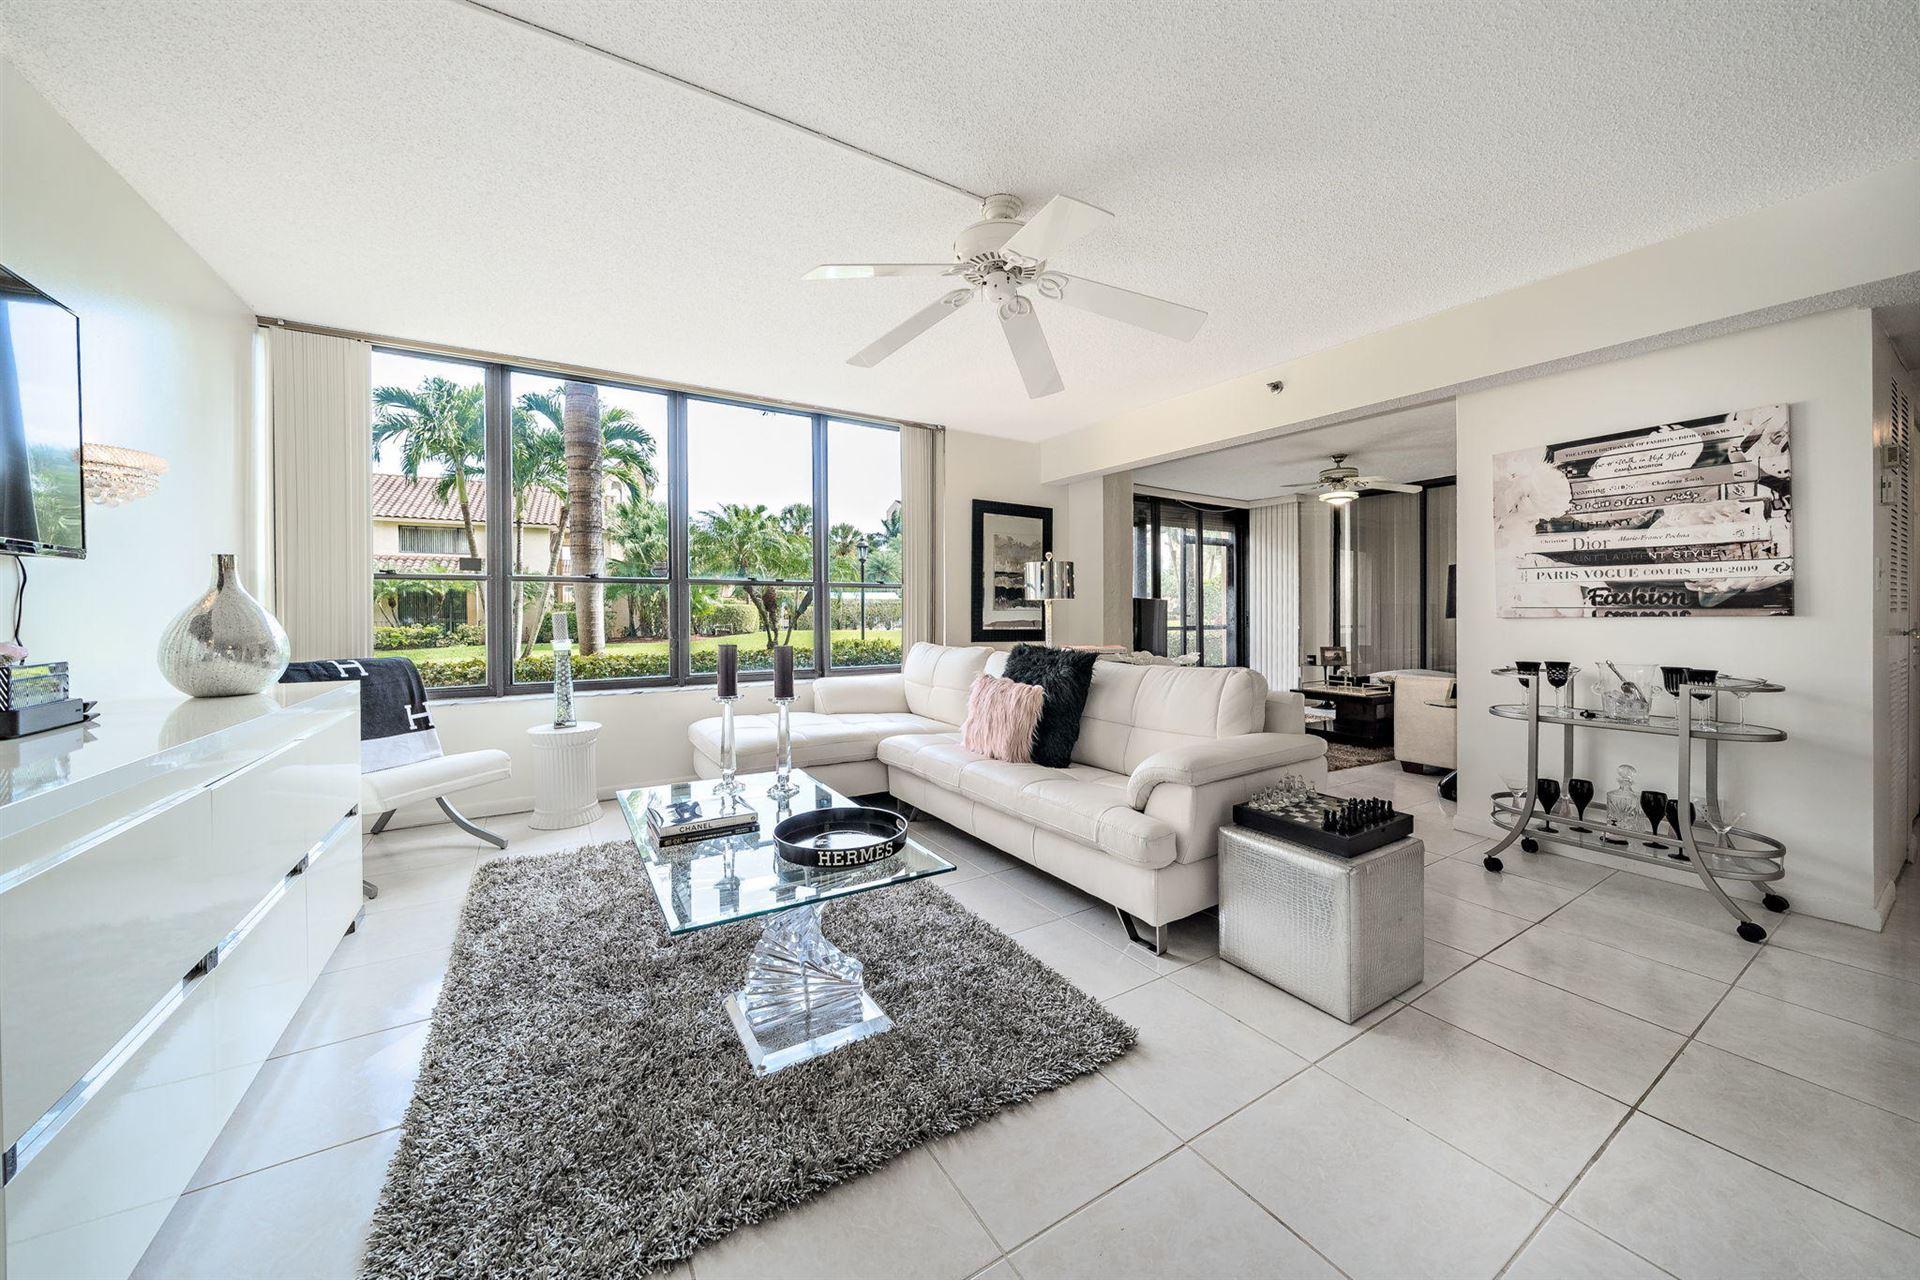 7209 Promenade Drive #102, Boca Raton, FL 33433 - #: RX-10600204